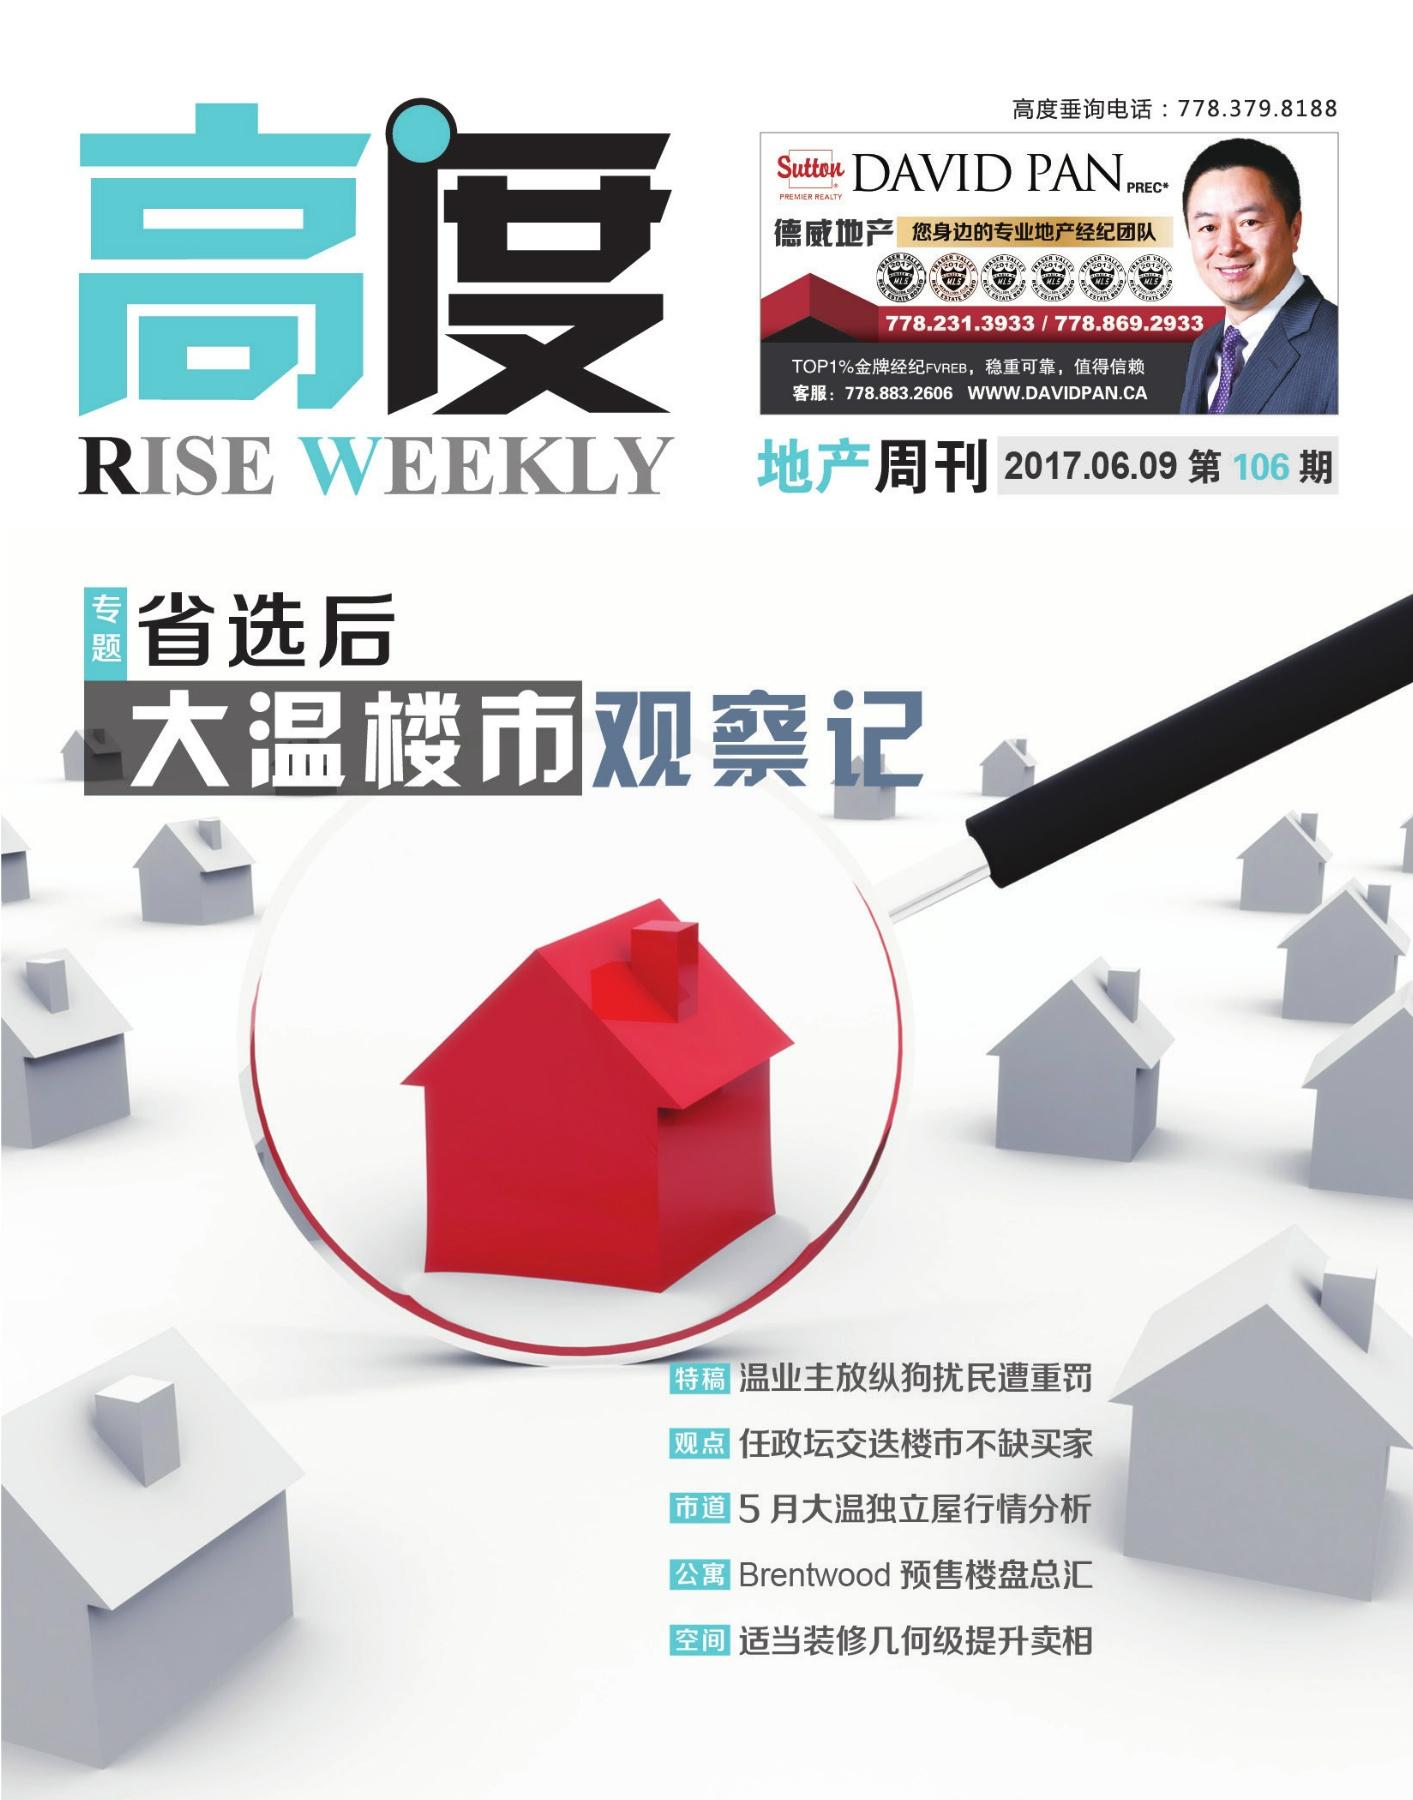 高度地产周刊 2017年06月09日 第106期